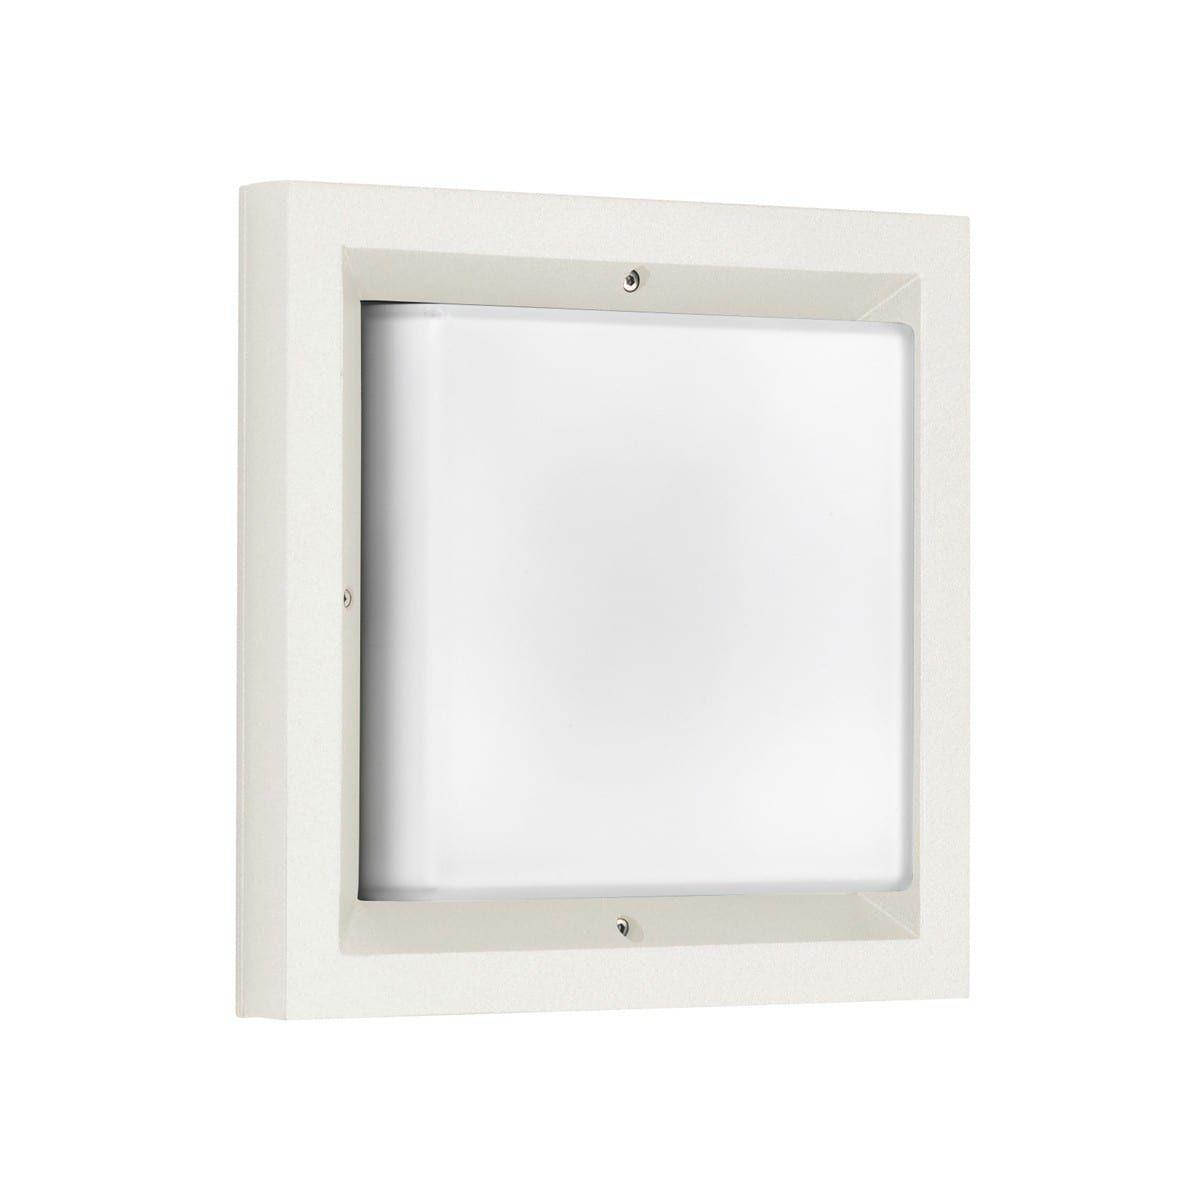 Badezimmer Spiegelschrank Rund